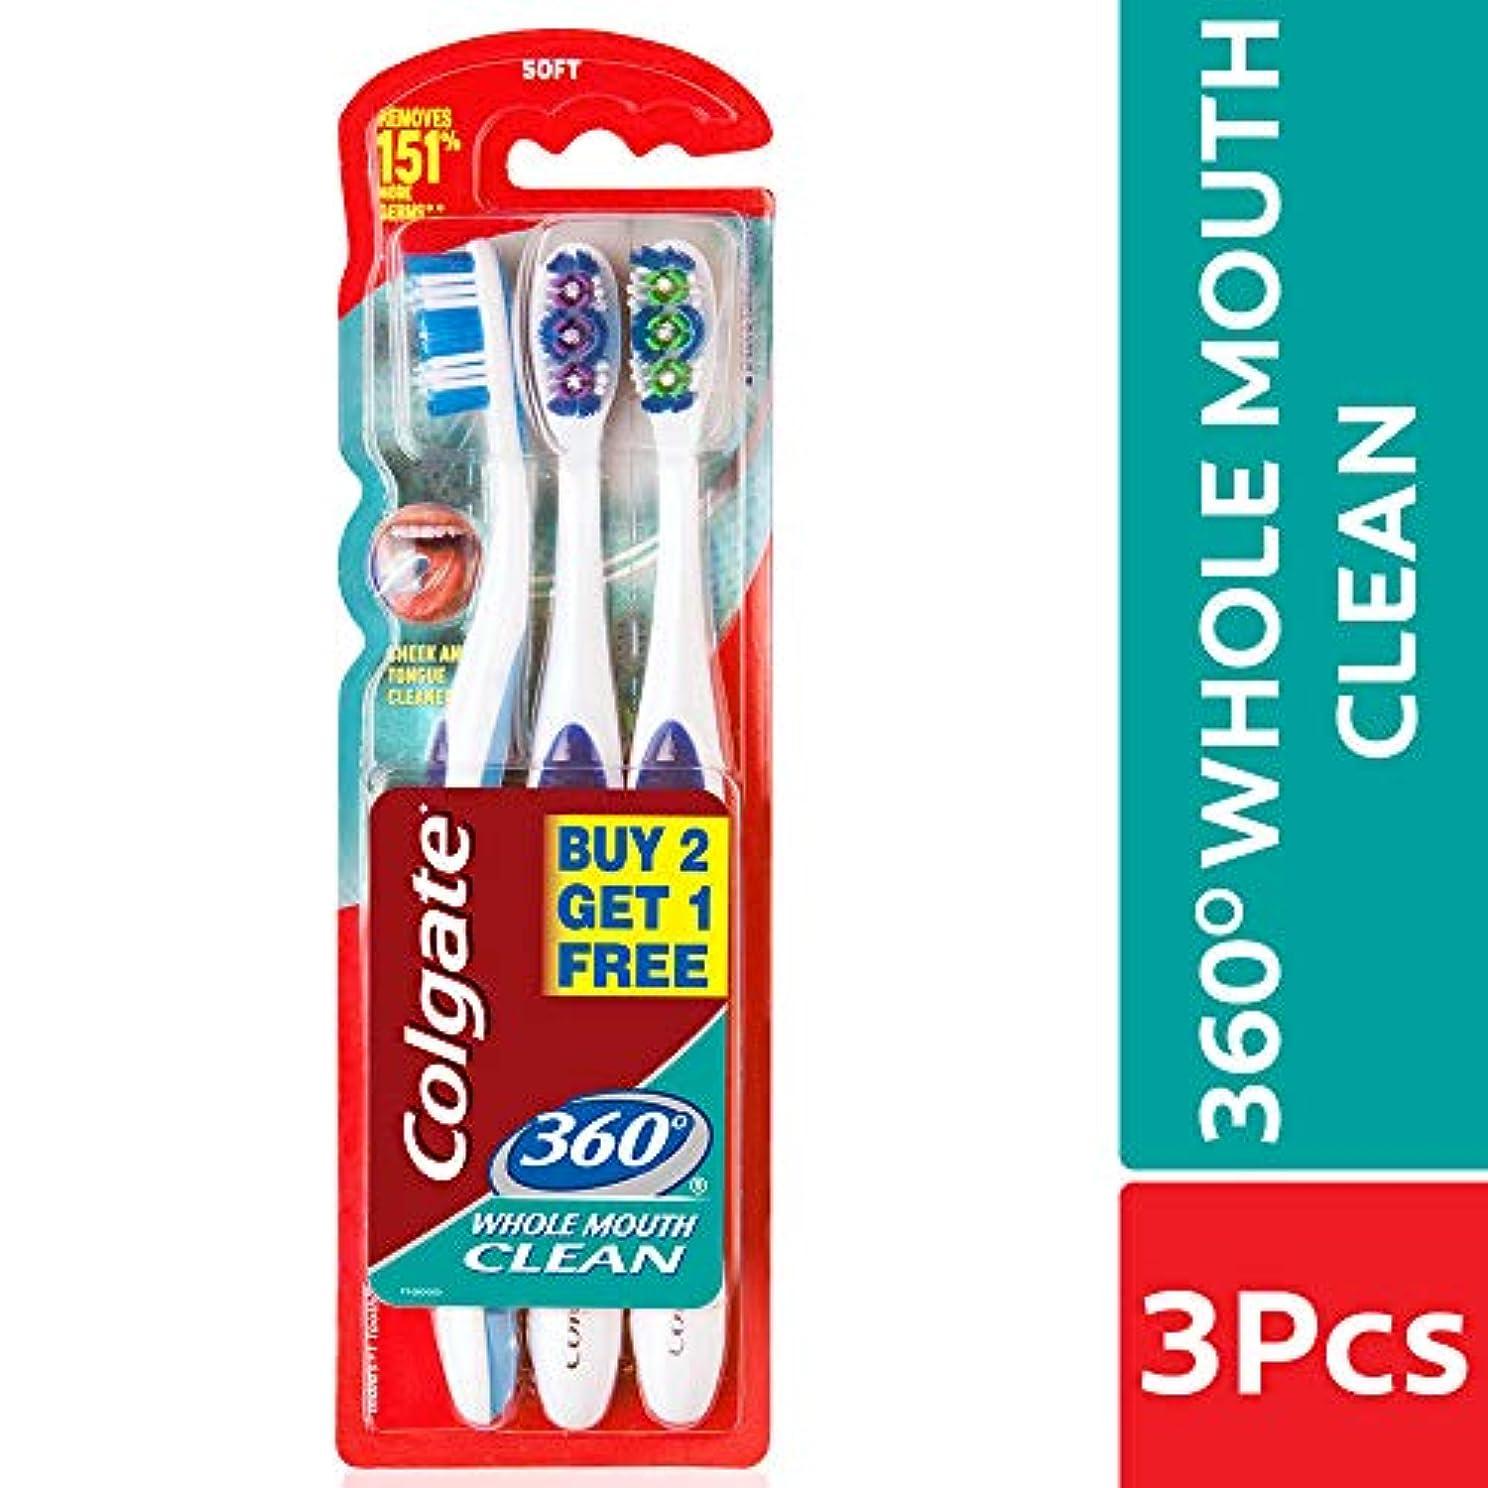 時バーストレオナルドダColgate 360 whole mouth clean (MEDIUM) toothbrush (3pc pack)